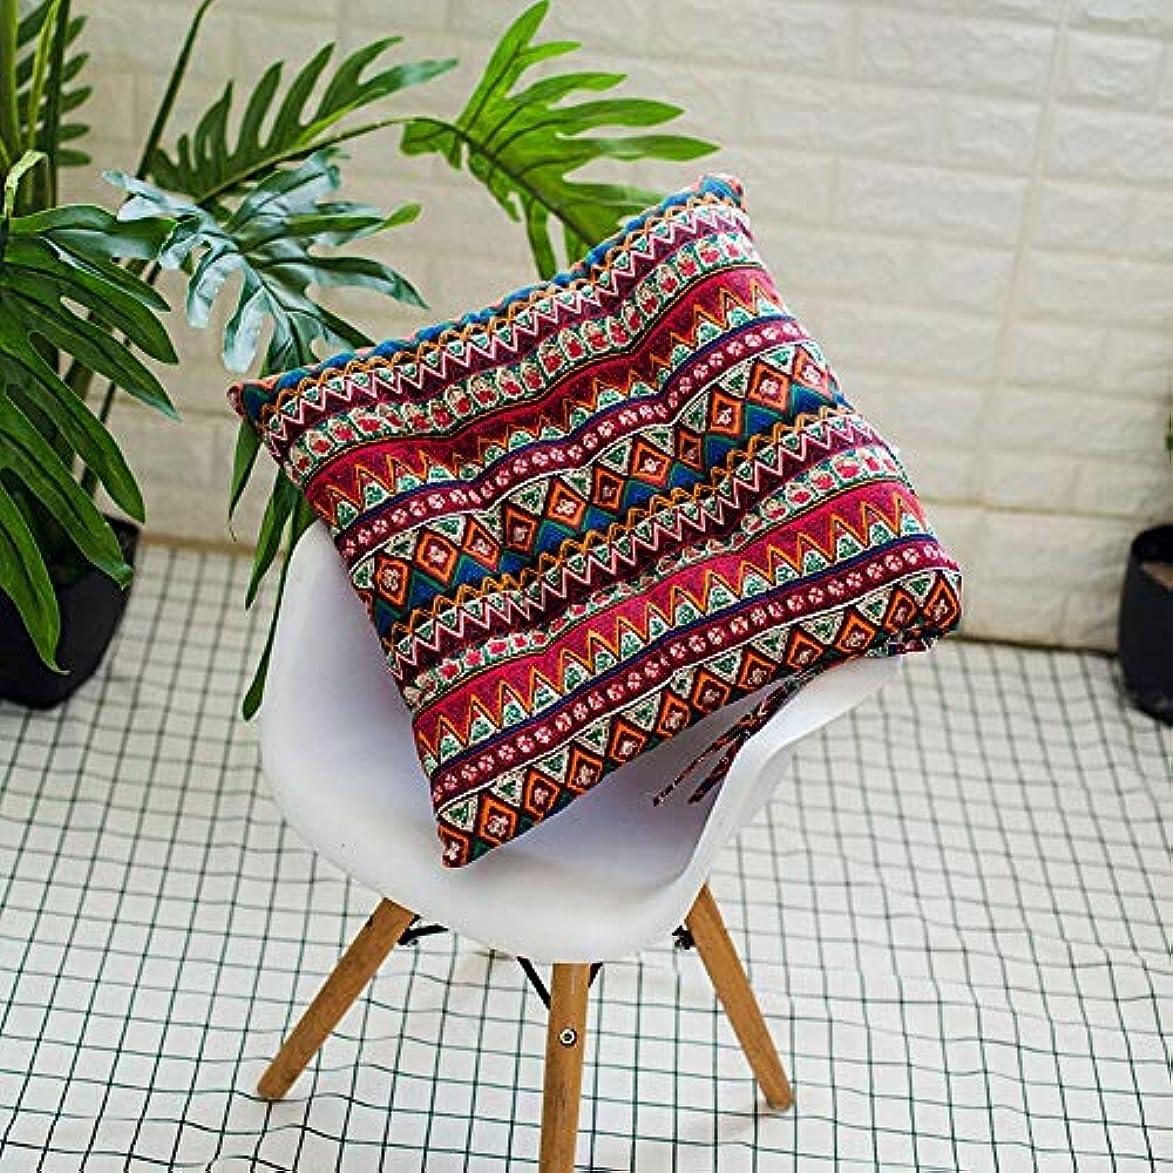 懲戒幸運新鮮なSMART 屋外ガーデンパティオ家庭の台所オフィスソファ座椅子ソフトクッションパッドホームセンター素敵なパッテン新スタイルの低下の船 # B5 クッション 椅子